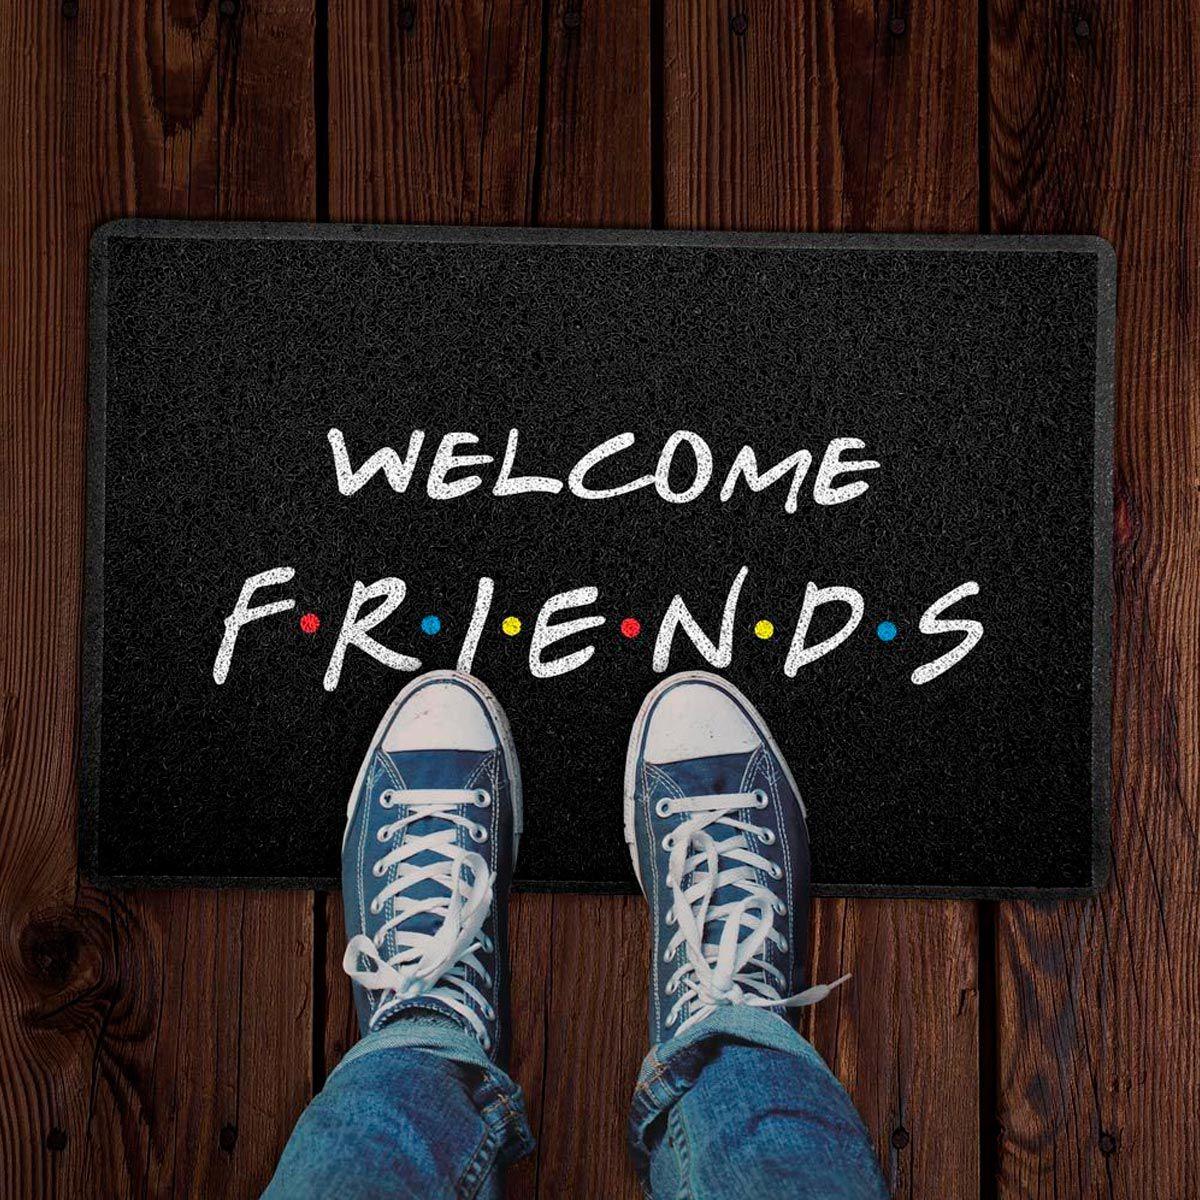 Capacho Decoração Geek 60x40cm Welcome Friends Preto - Seriado Friends